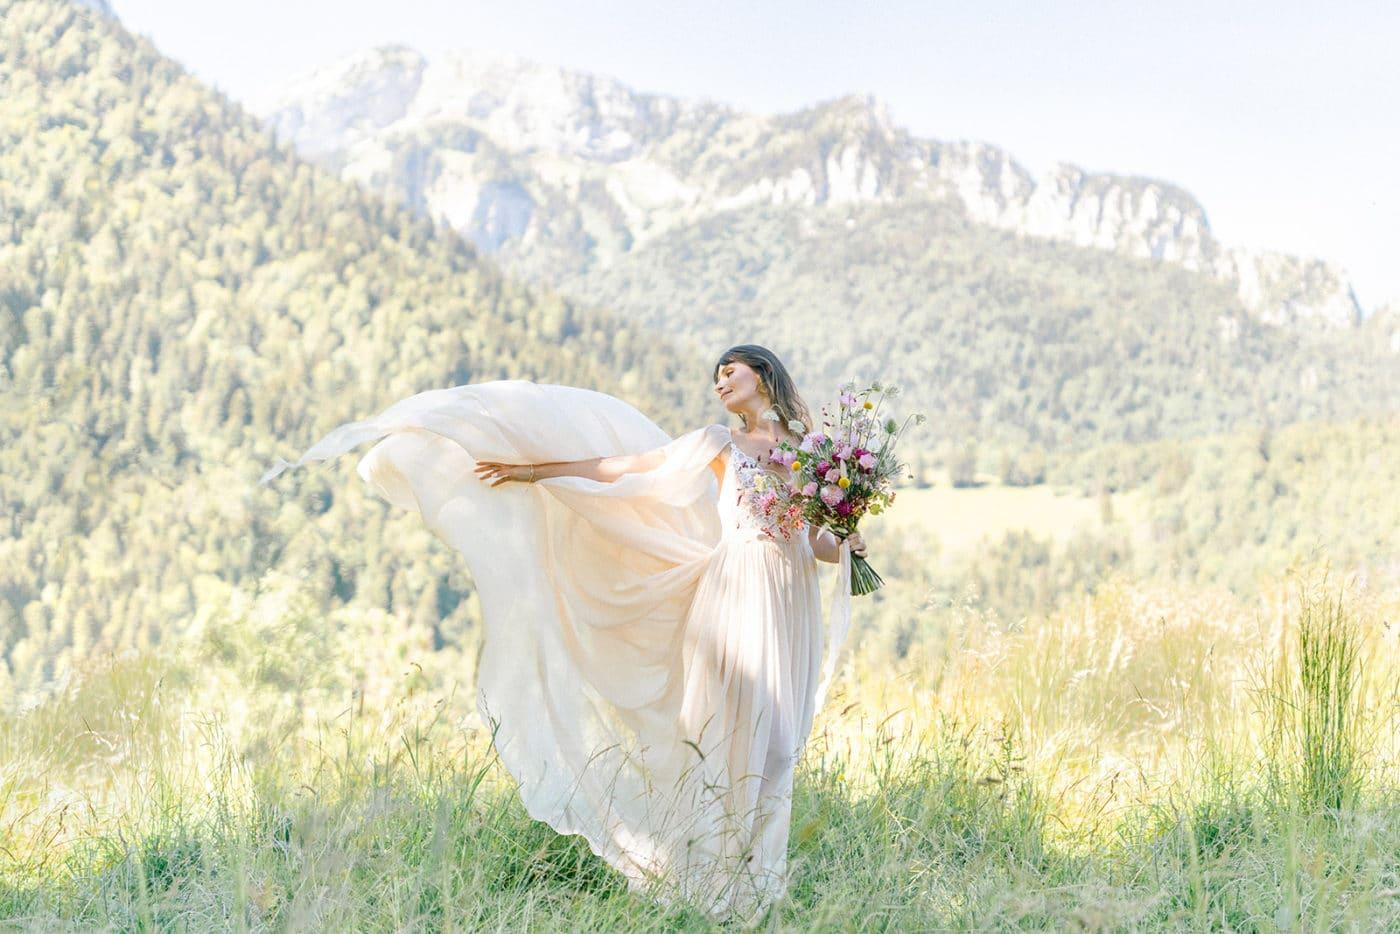 photographe de mariage à Grenoble - Julien Bonjour